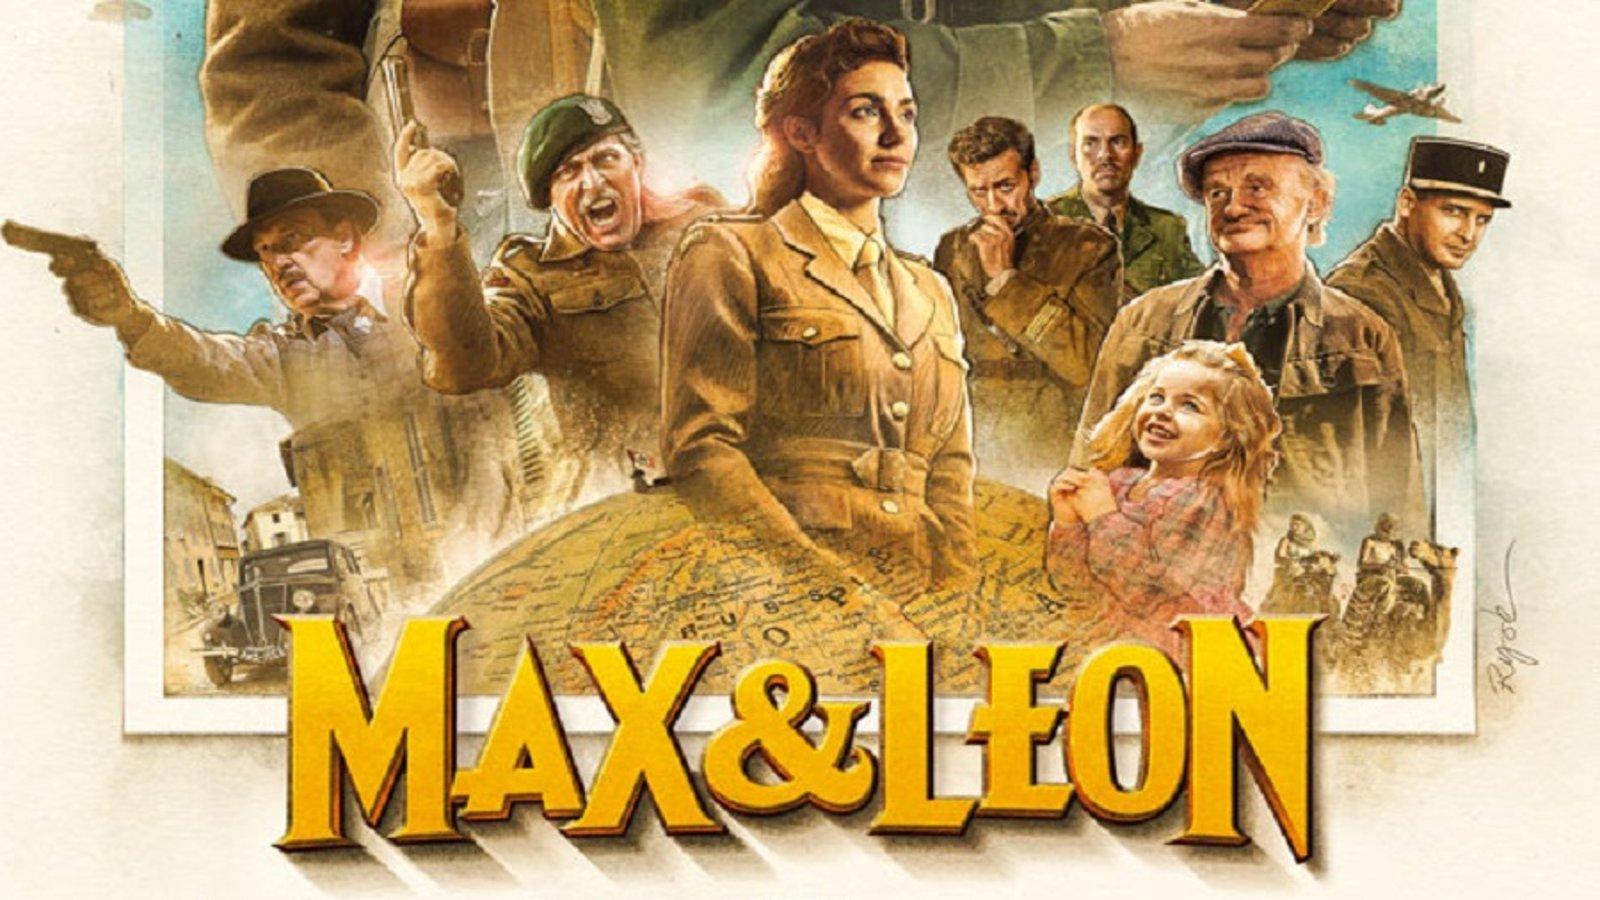 Max & Leon - La folle histoire de Max et Léon